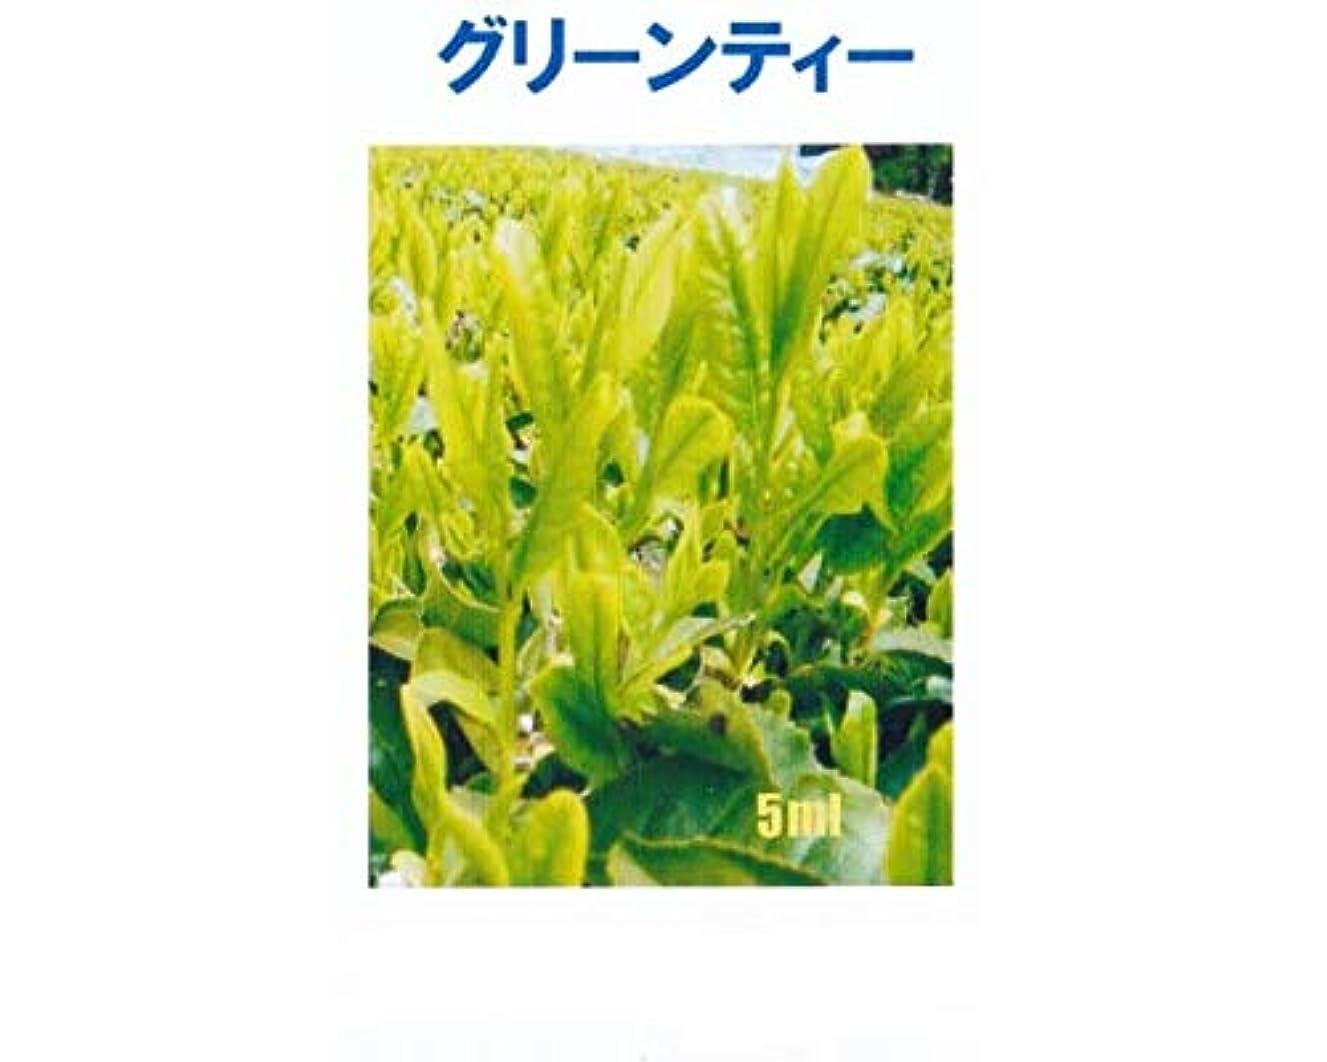 メディカル環境に優しい家事アロマオイル グリーンティー 5ml エッセンシャルオイル 100%天然成分